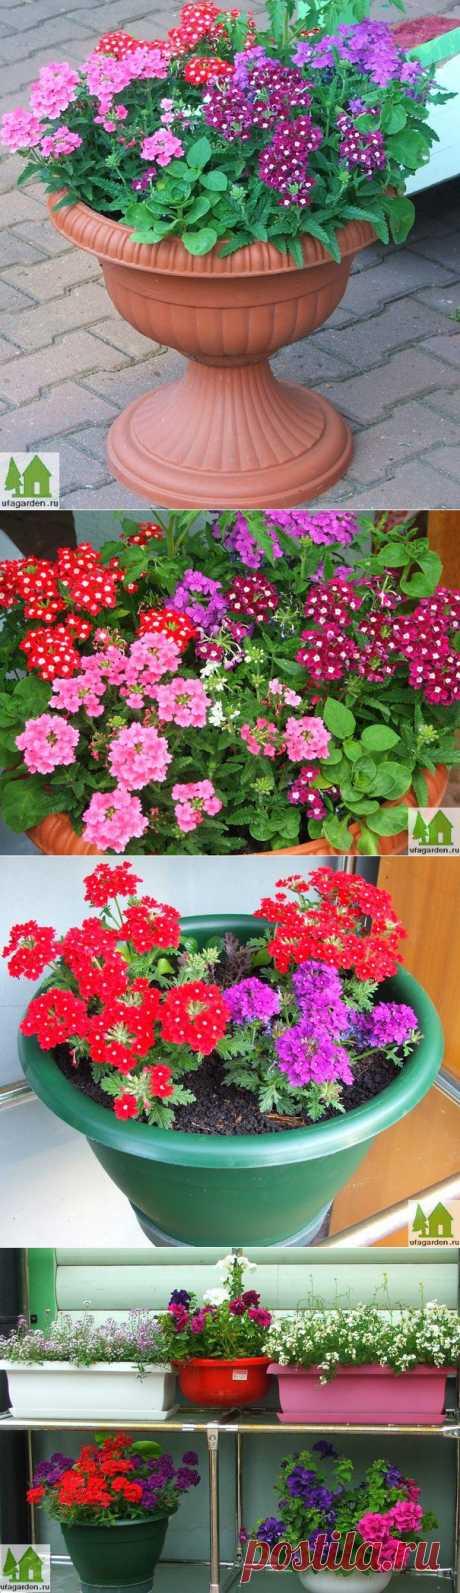 Вербена из семян | Дачная жизнь - сад, огород, дача.  Растение, которые вы видите на фото, называются вербена. Уже несколько лет мы регулярно выращиваем эти прекрасные цветы в вазонах и горшках на нашей даче. Вербена, в соседстве с цветами петунии, лобелии, ранункулюса и другими красивоцветущими однолетниками, радует нас все лето пышным цветением и создает хорошее настроение.